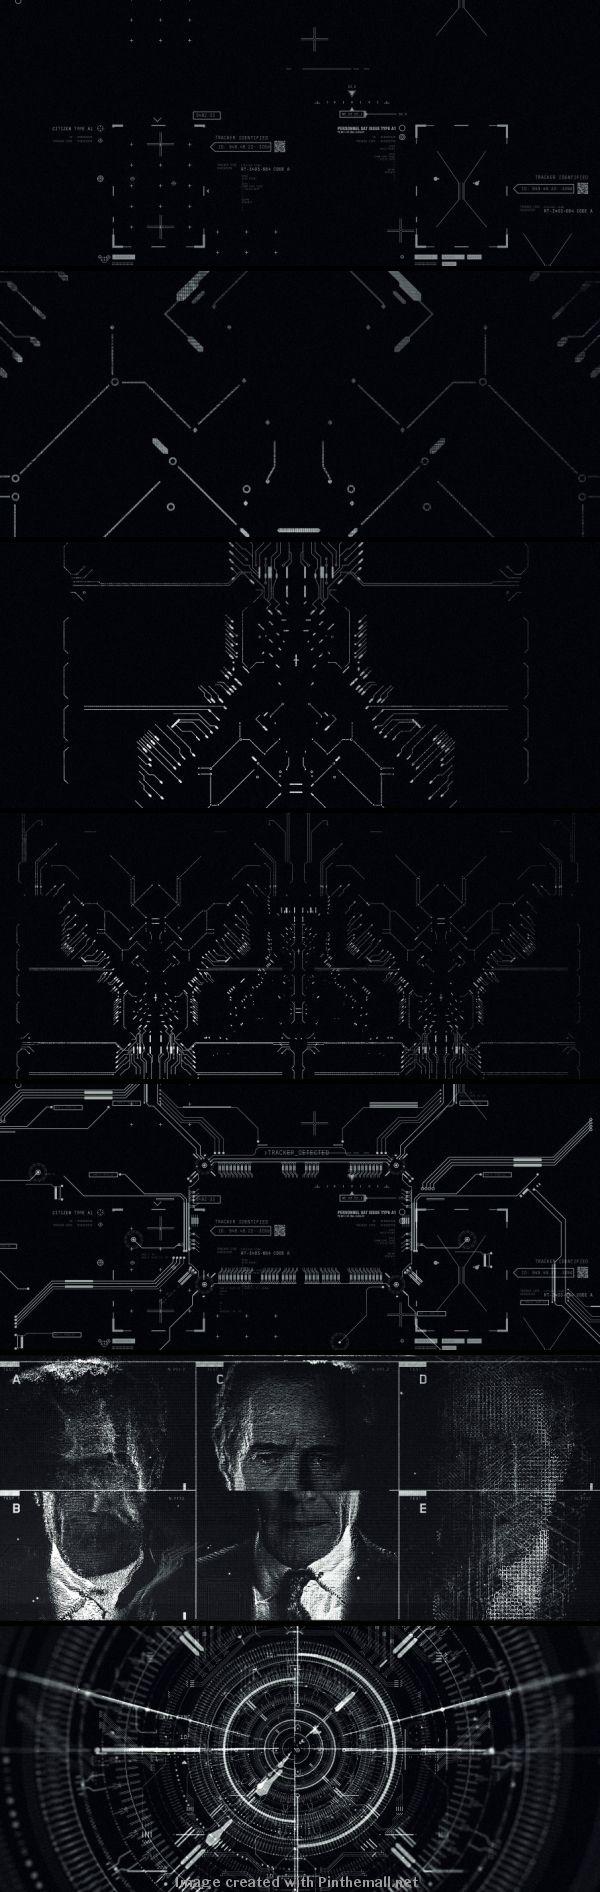 0d49e40efa4b68b4bc83ac74b824a550.jpg (600×1892)